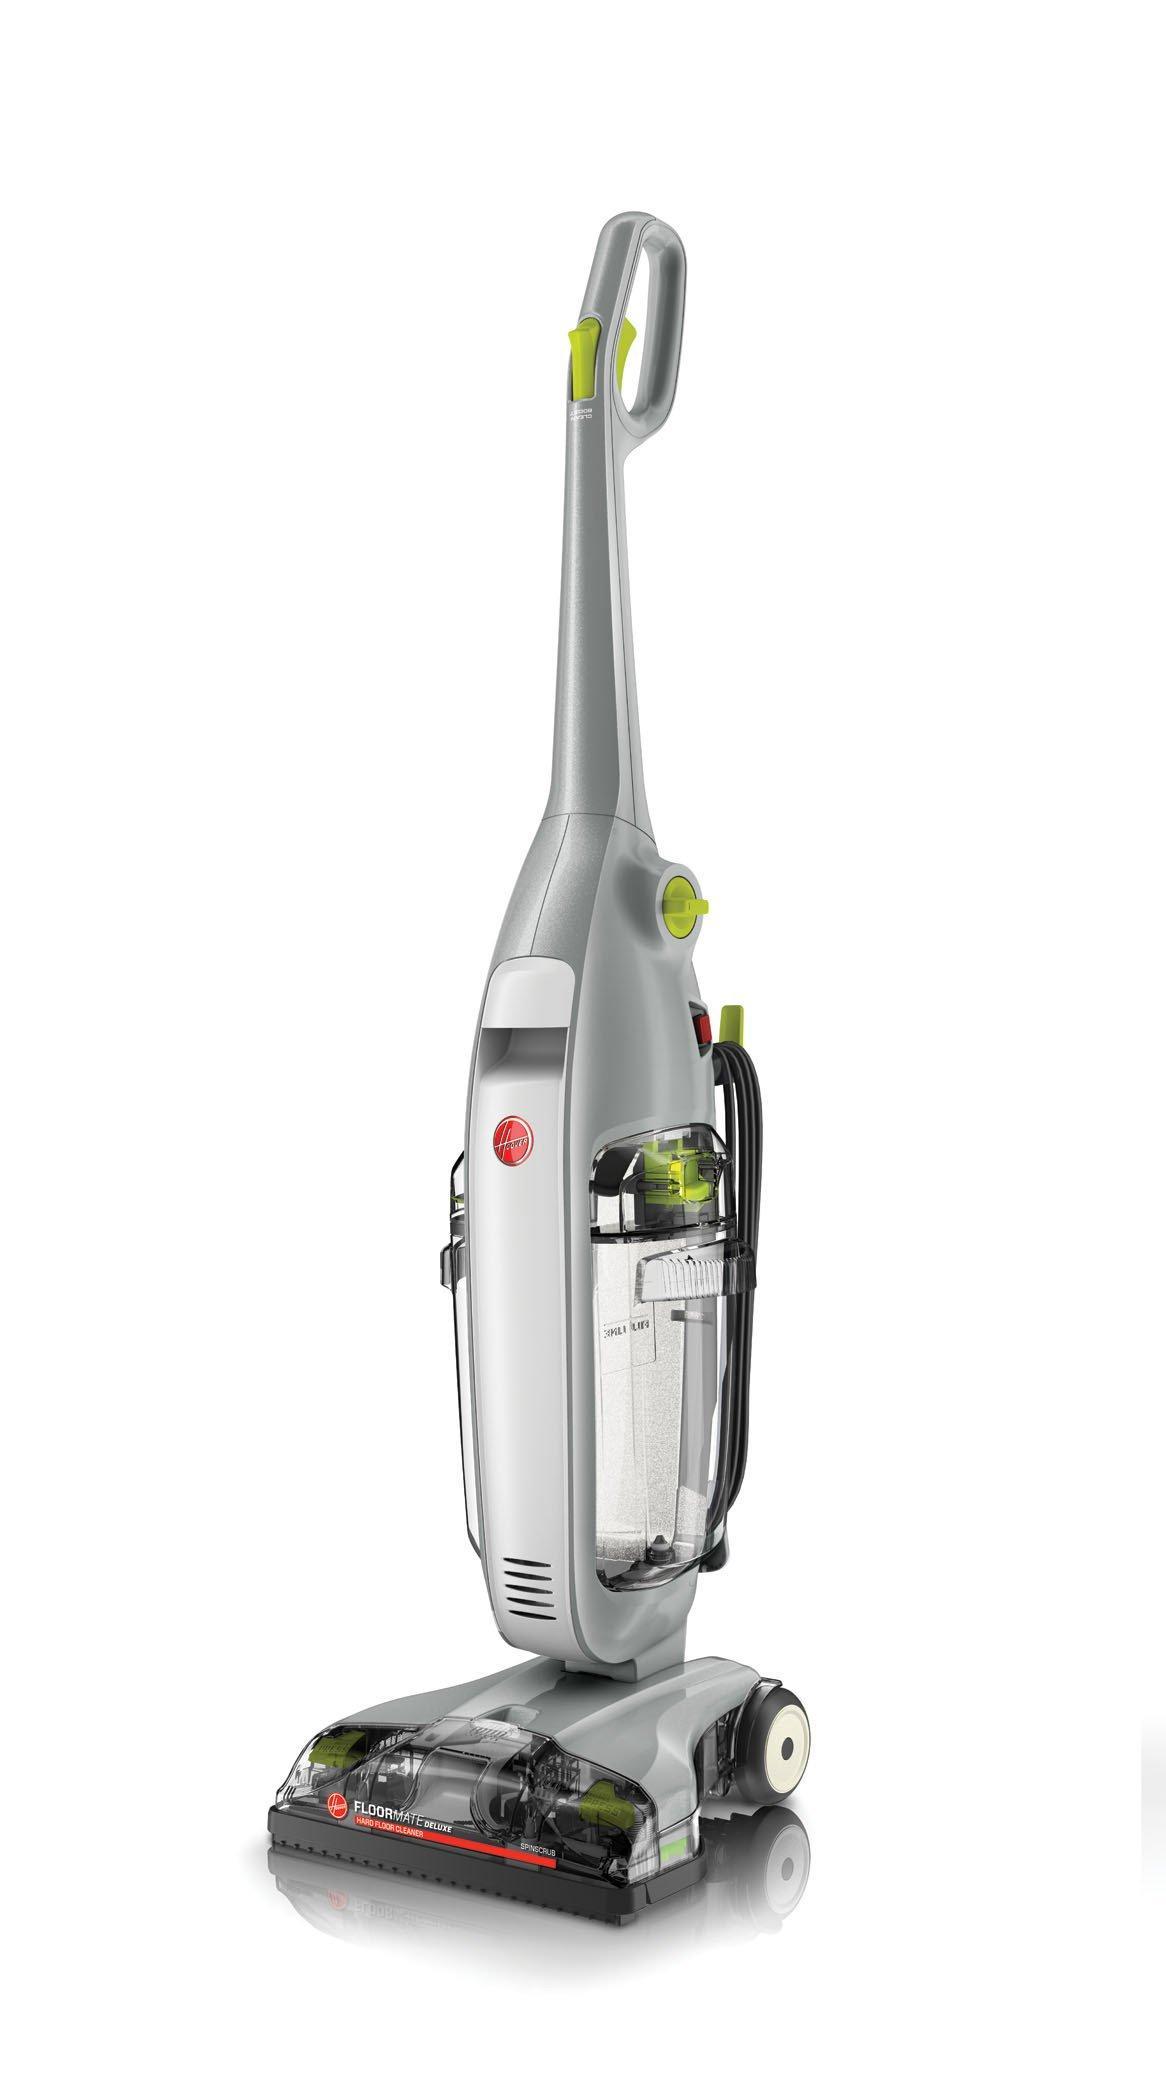 Reconditioned FloorMate Deluxe Hard Floor Cleaner2